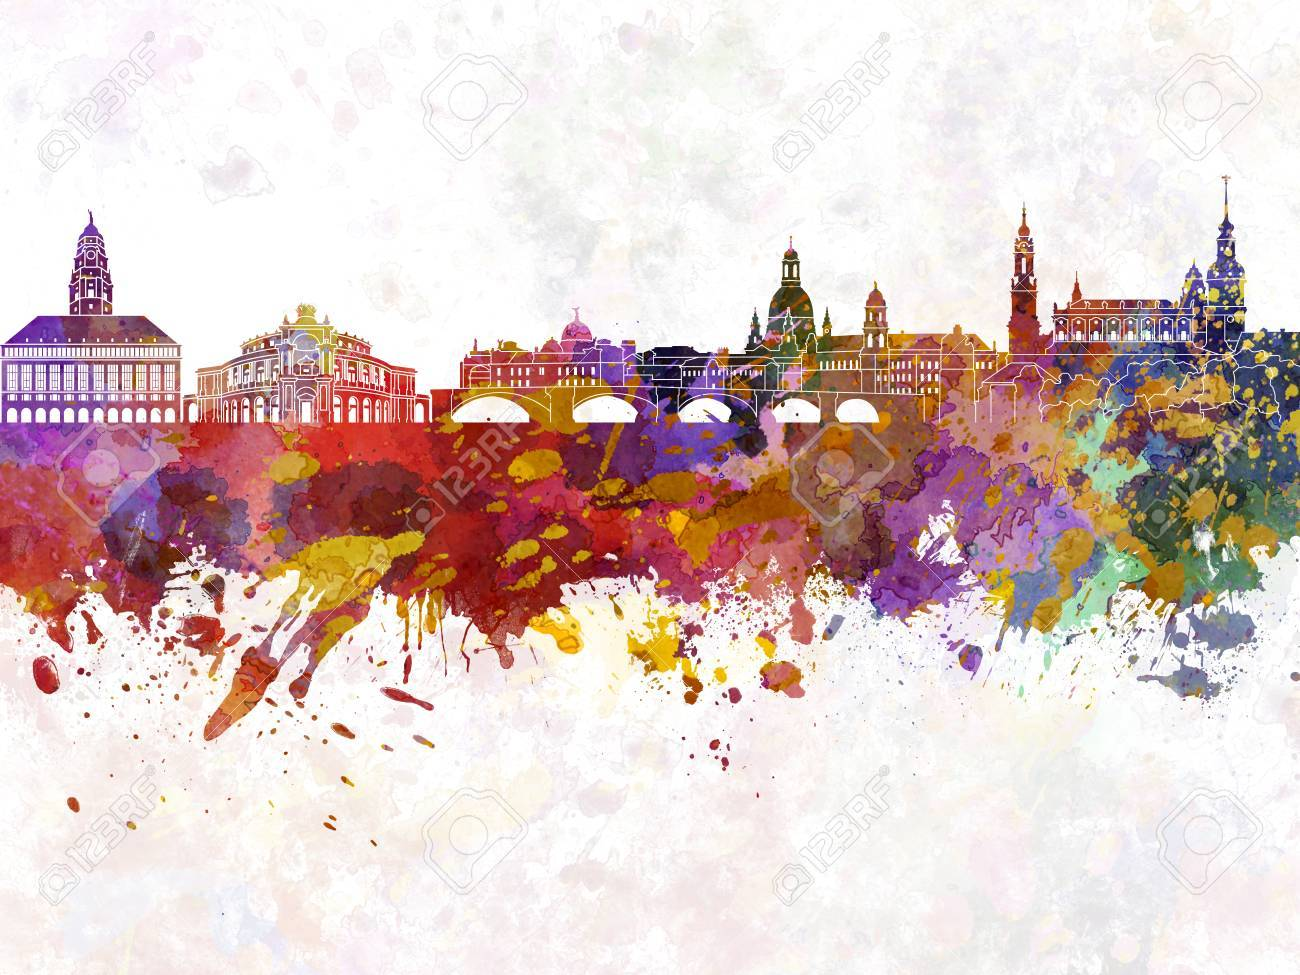 Ansprechend Skyline Dresden Galerie Von In Watercolor Background Stock Photo - 51520022